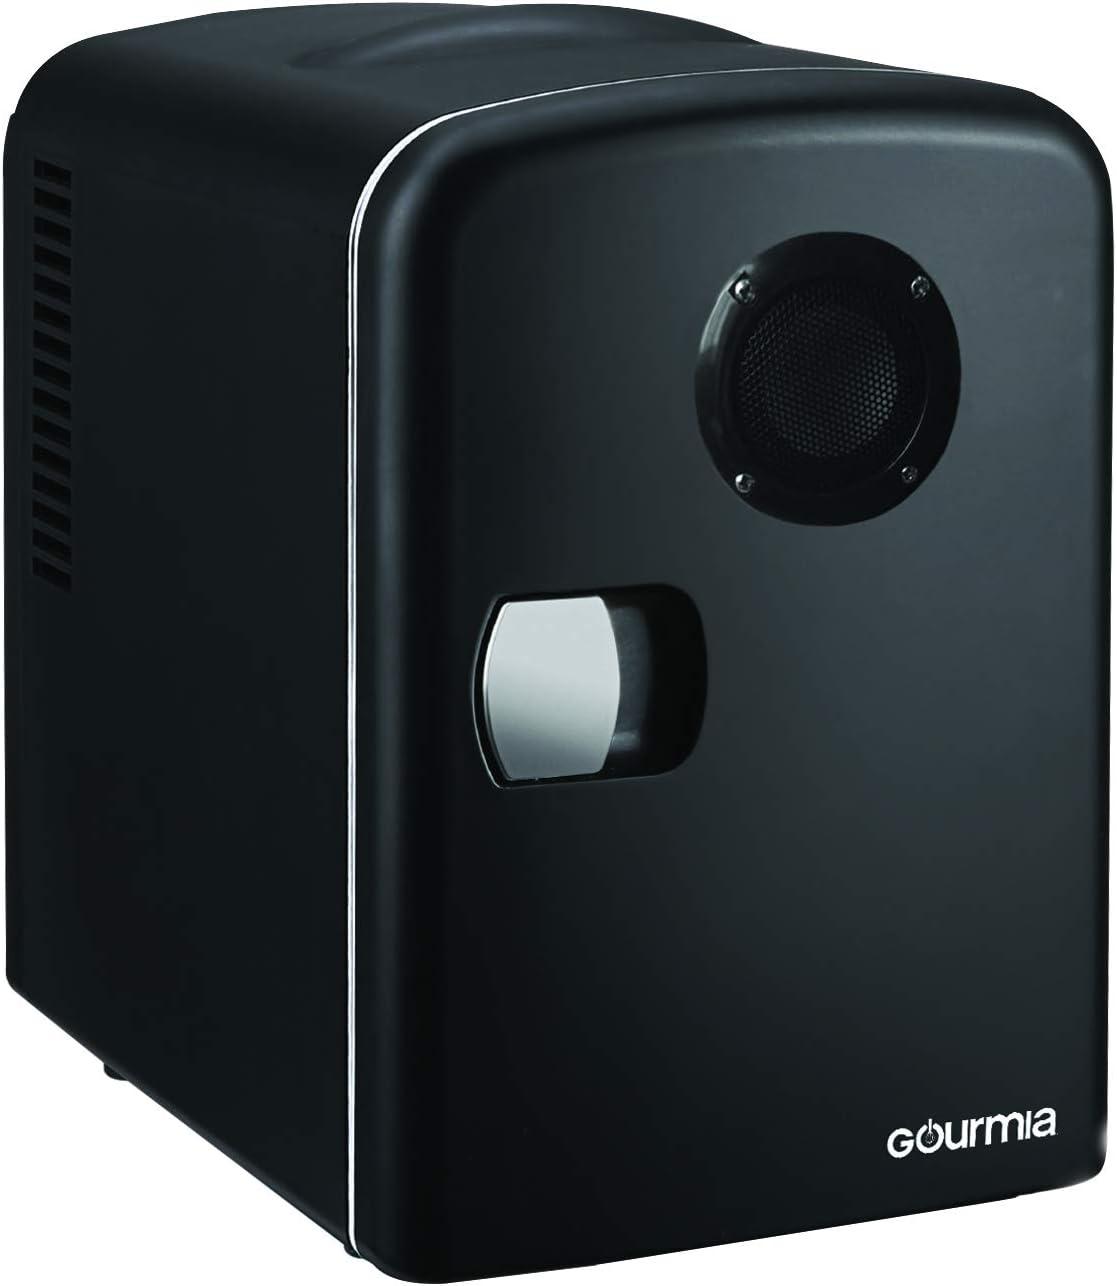 Gourmia GMF668